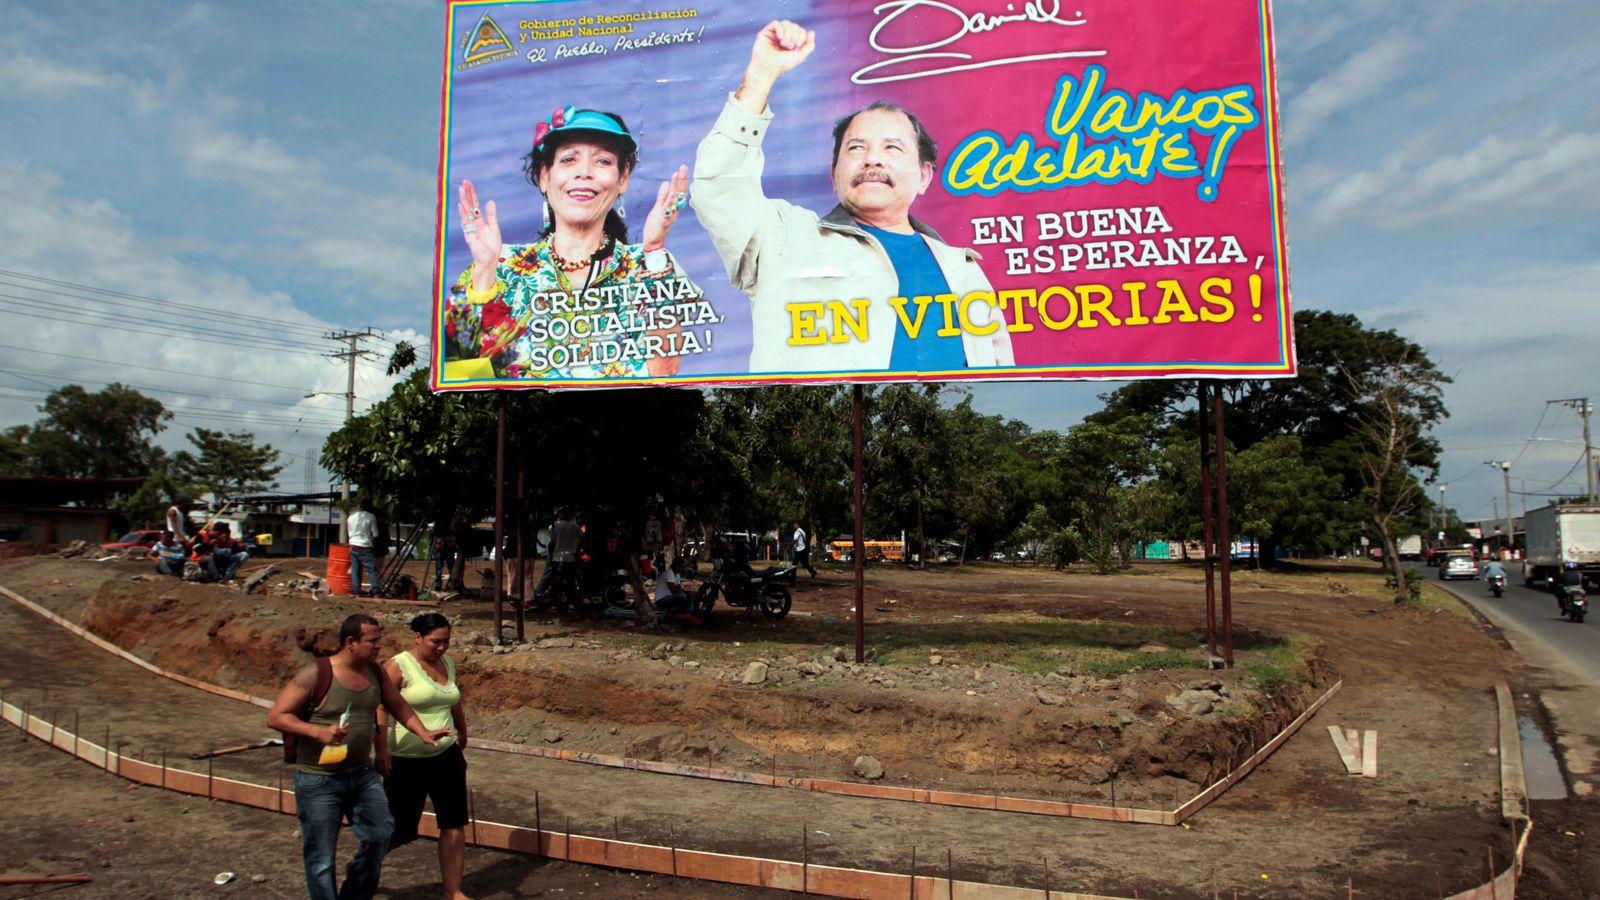 Foto: Una pareja pasa frente a un cartel de apoyo a Daniel Ortega y su esposa Rosario Murillo en Managua, el 3 de agosto de 2016